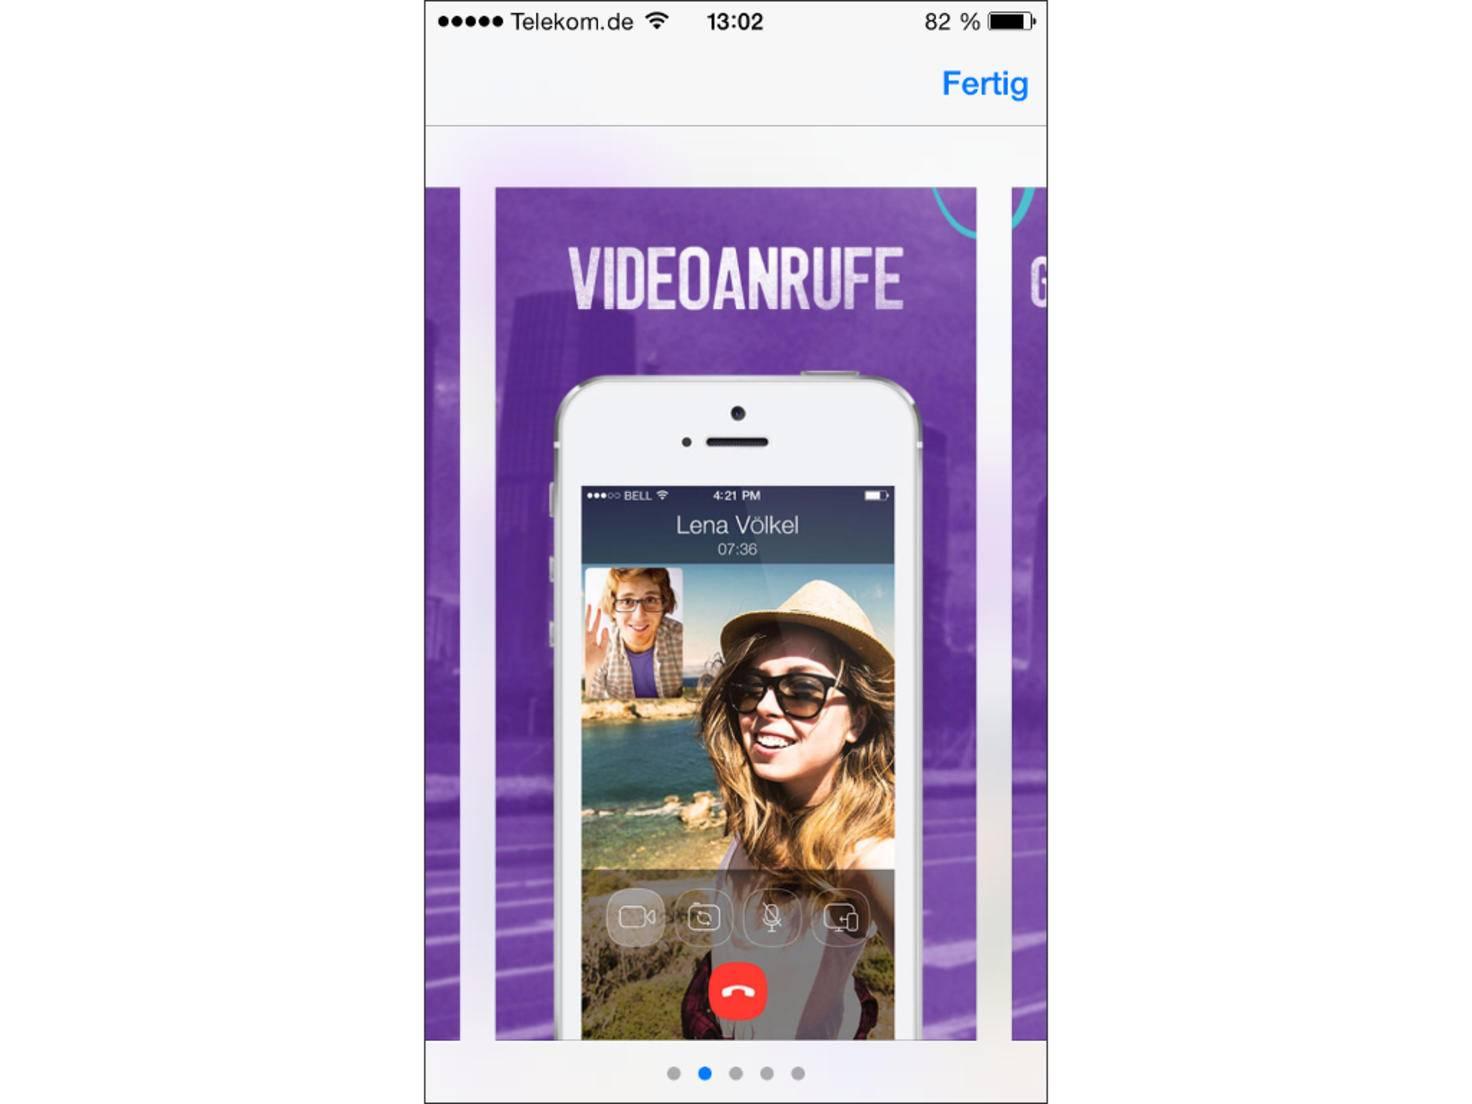 Viber unterstützt nach einem Update auch Videoanrufe.